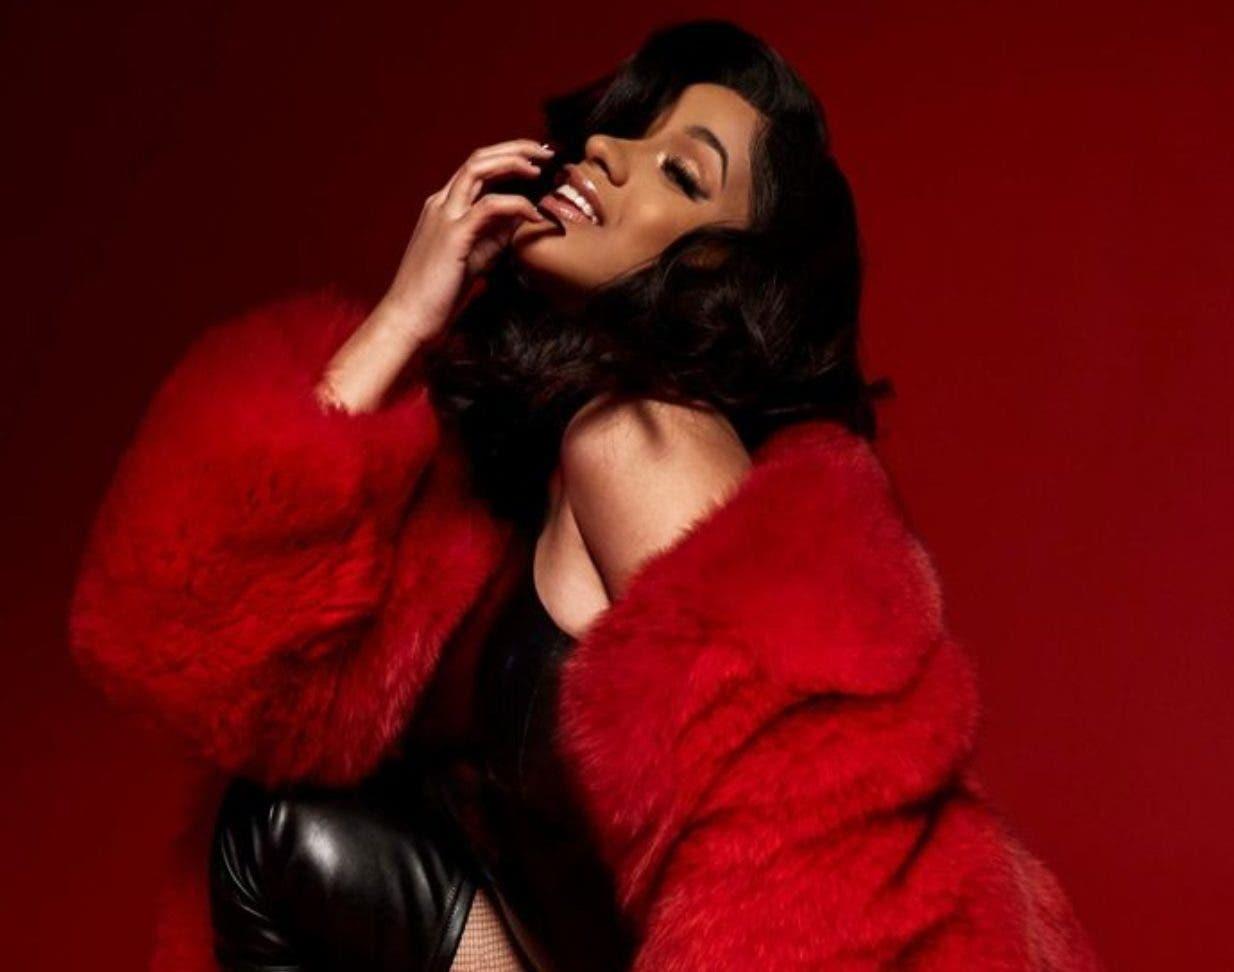 """El tema  """"I Like It"""", de Cardi B, relegó a la segunda posición la canción """"Sad!"""", del fallecido rapero estadounidense XXXTentacion."""